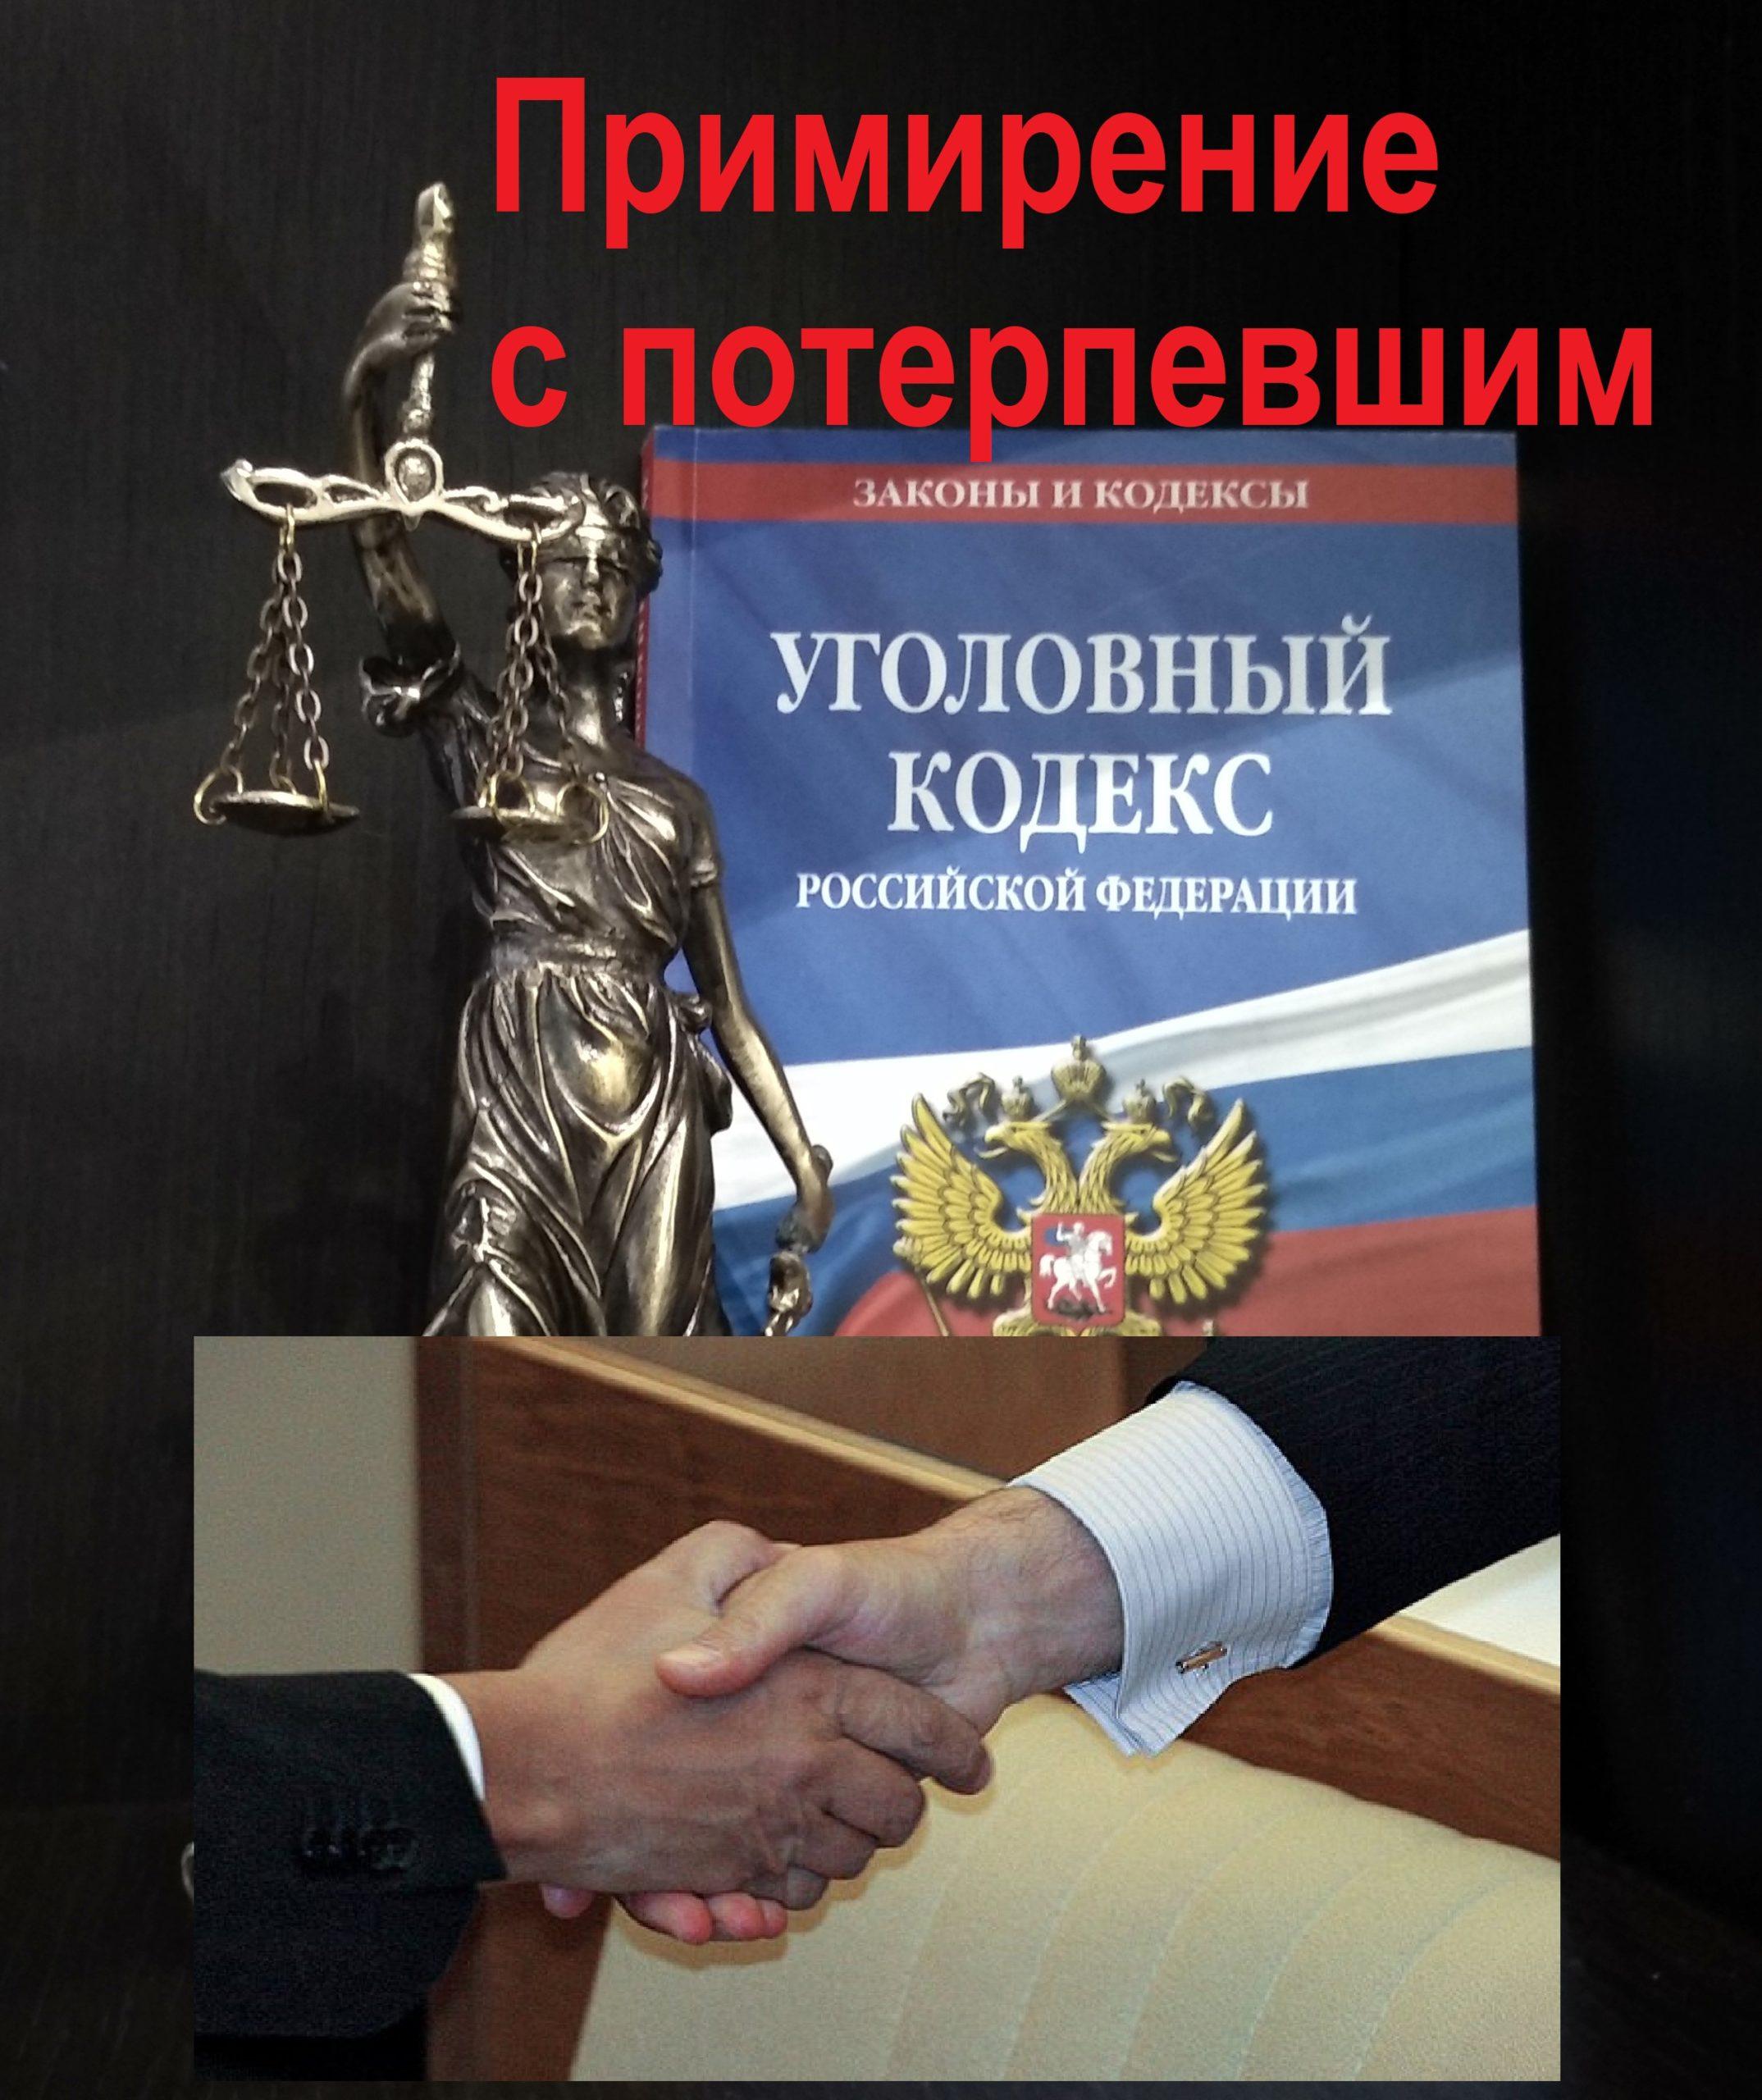 Прекращение 158 УК РФ за примирением с потерпевшим